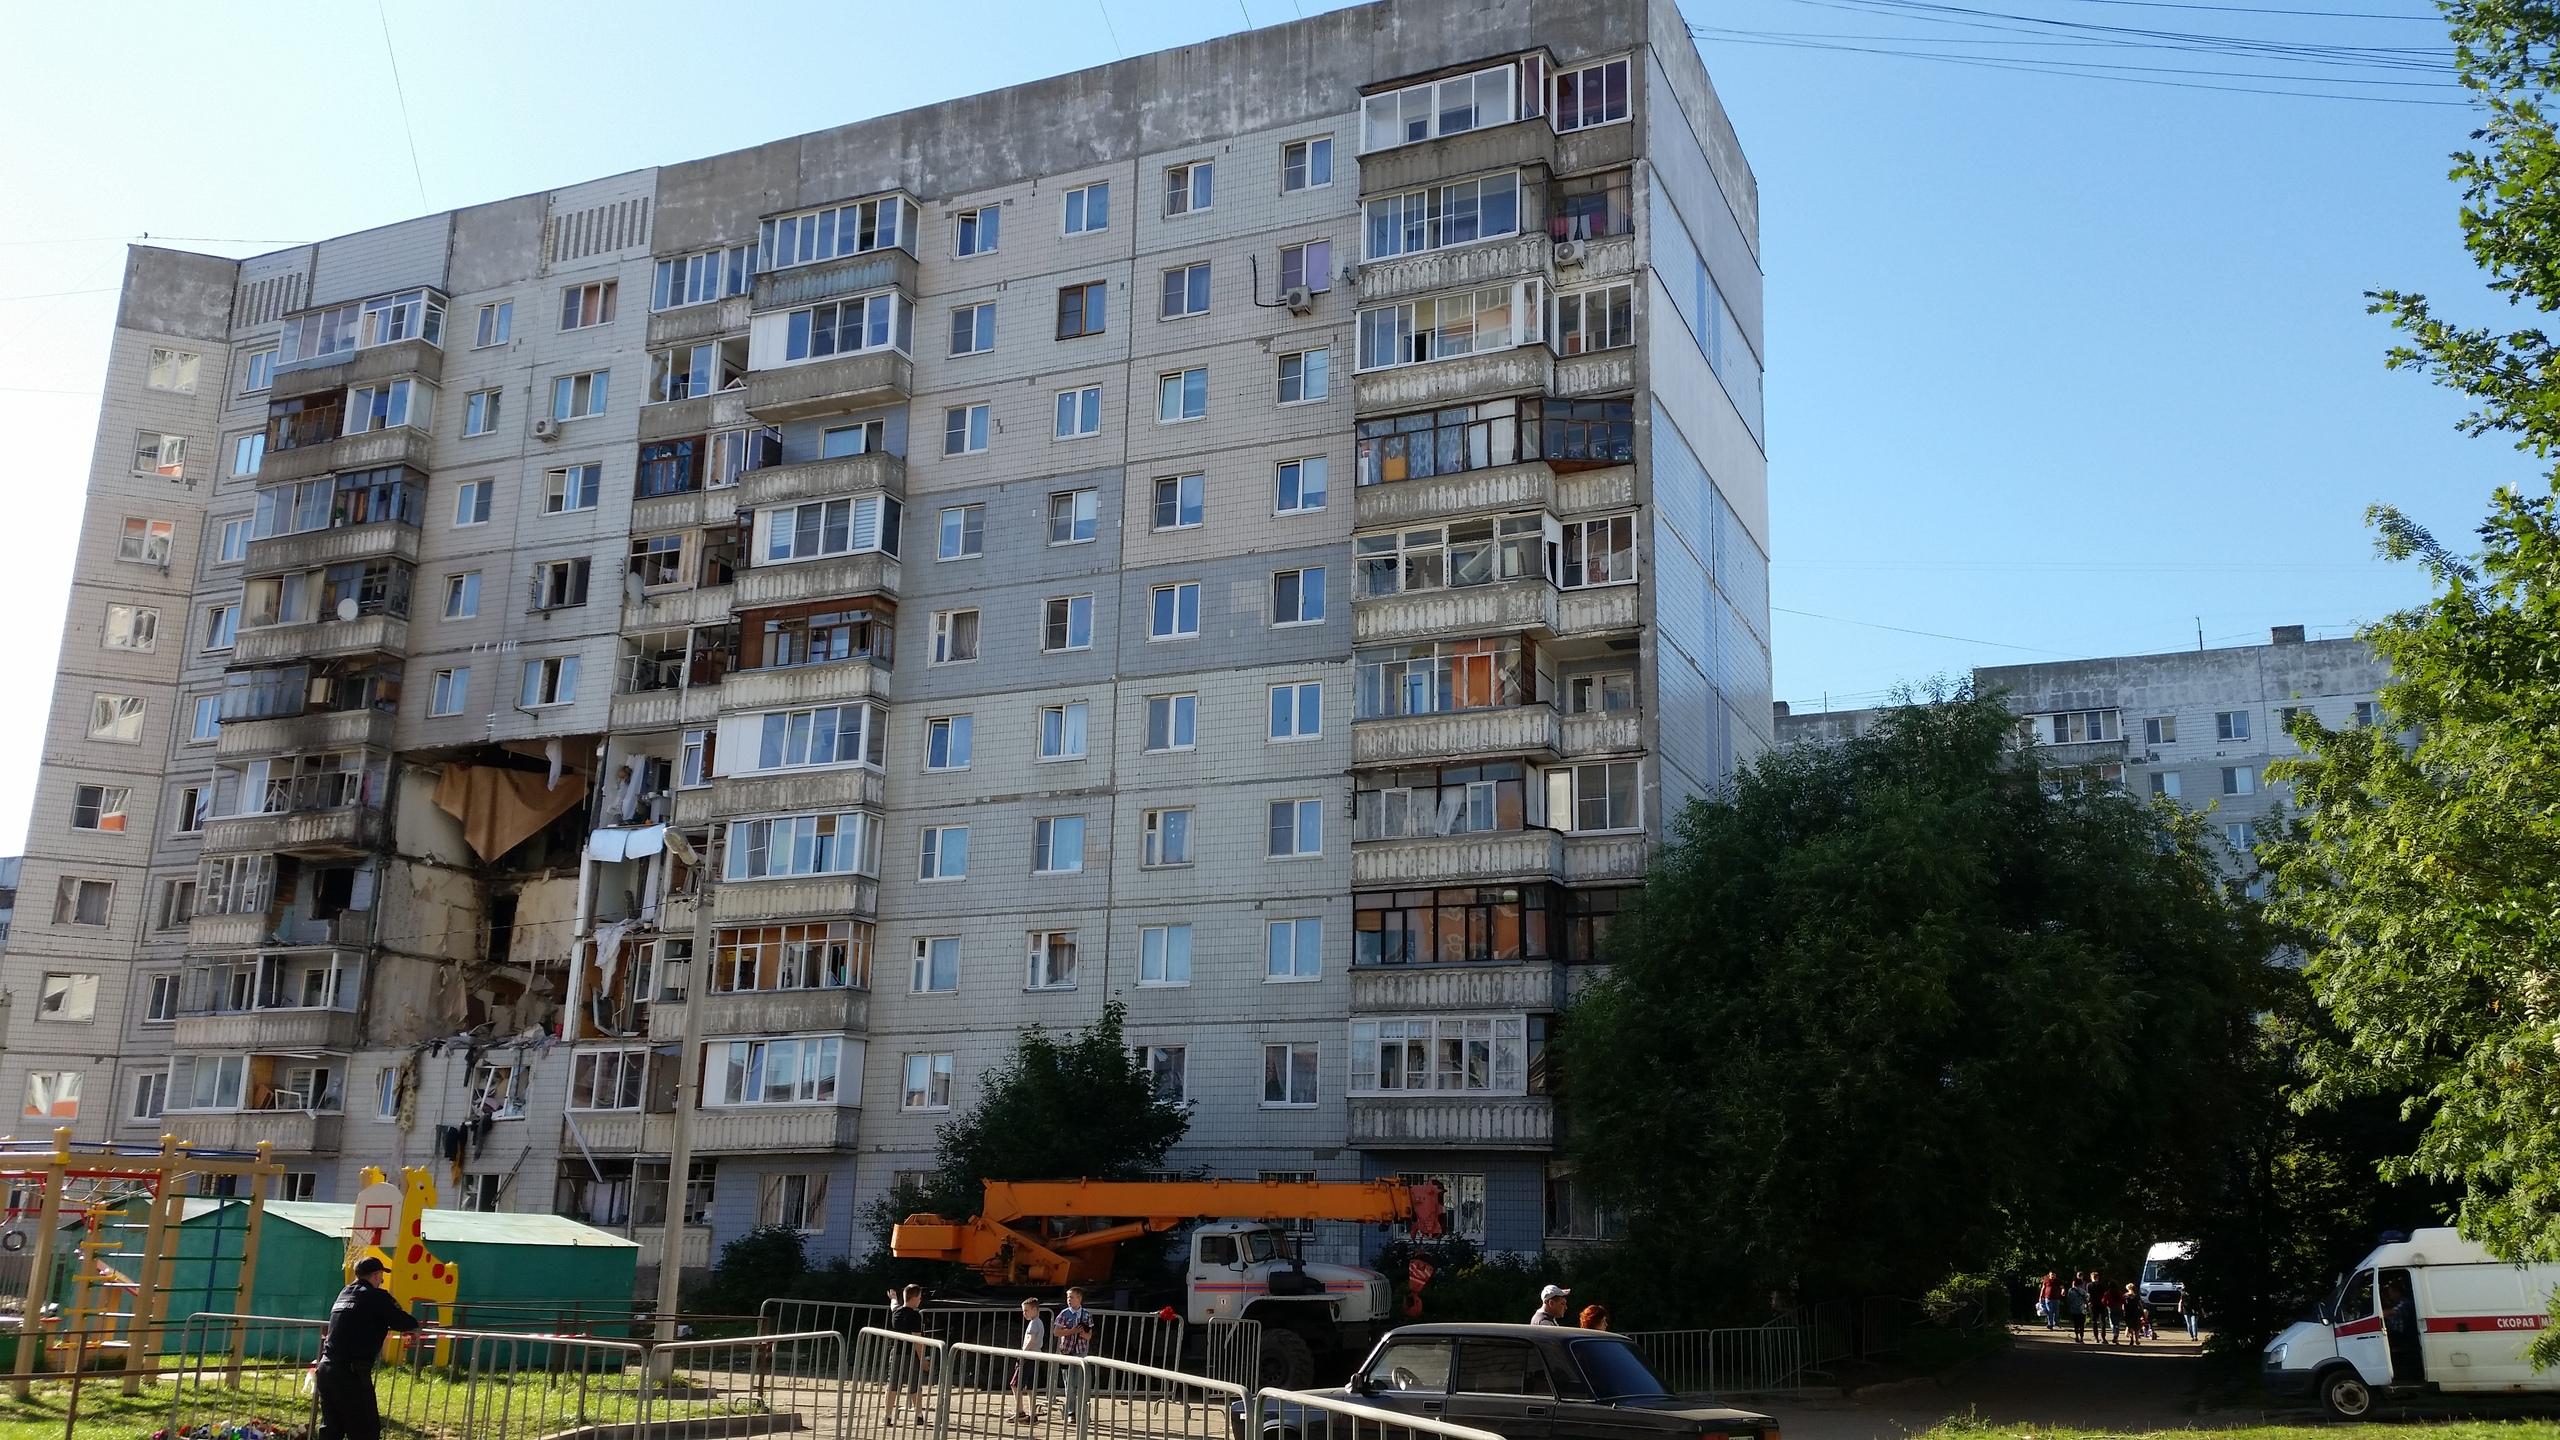 Дмитрий Миронов поручил приступить к аварийно-восстановительным работам в доме, пострадавшем от взрыва газа